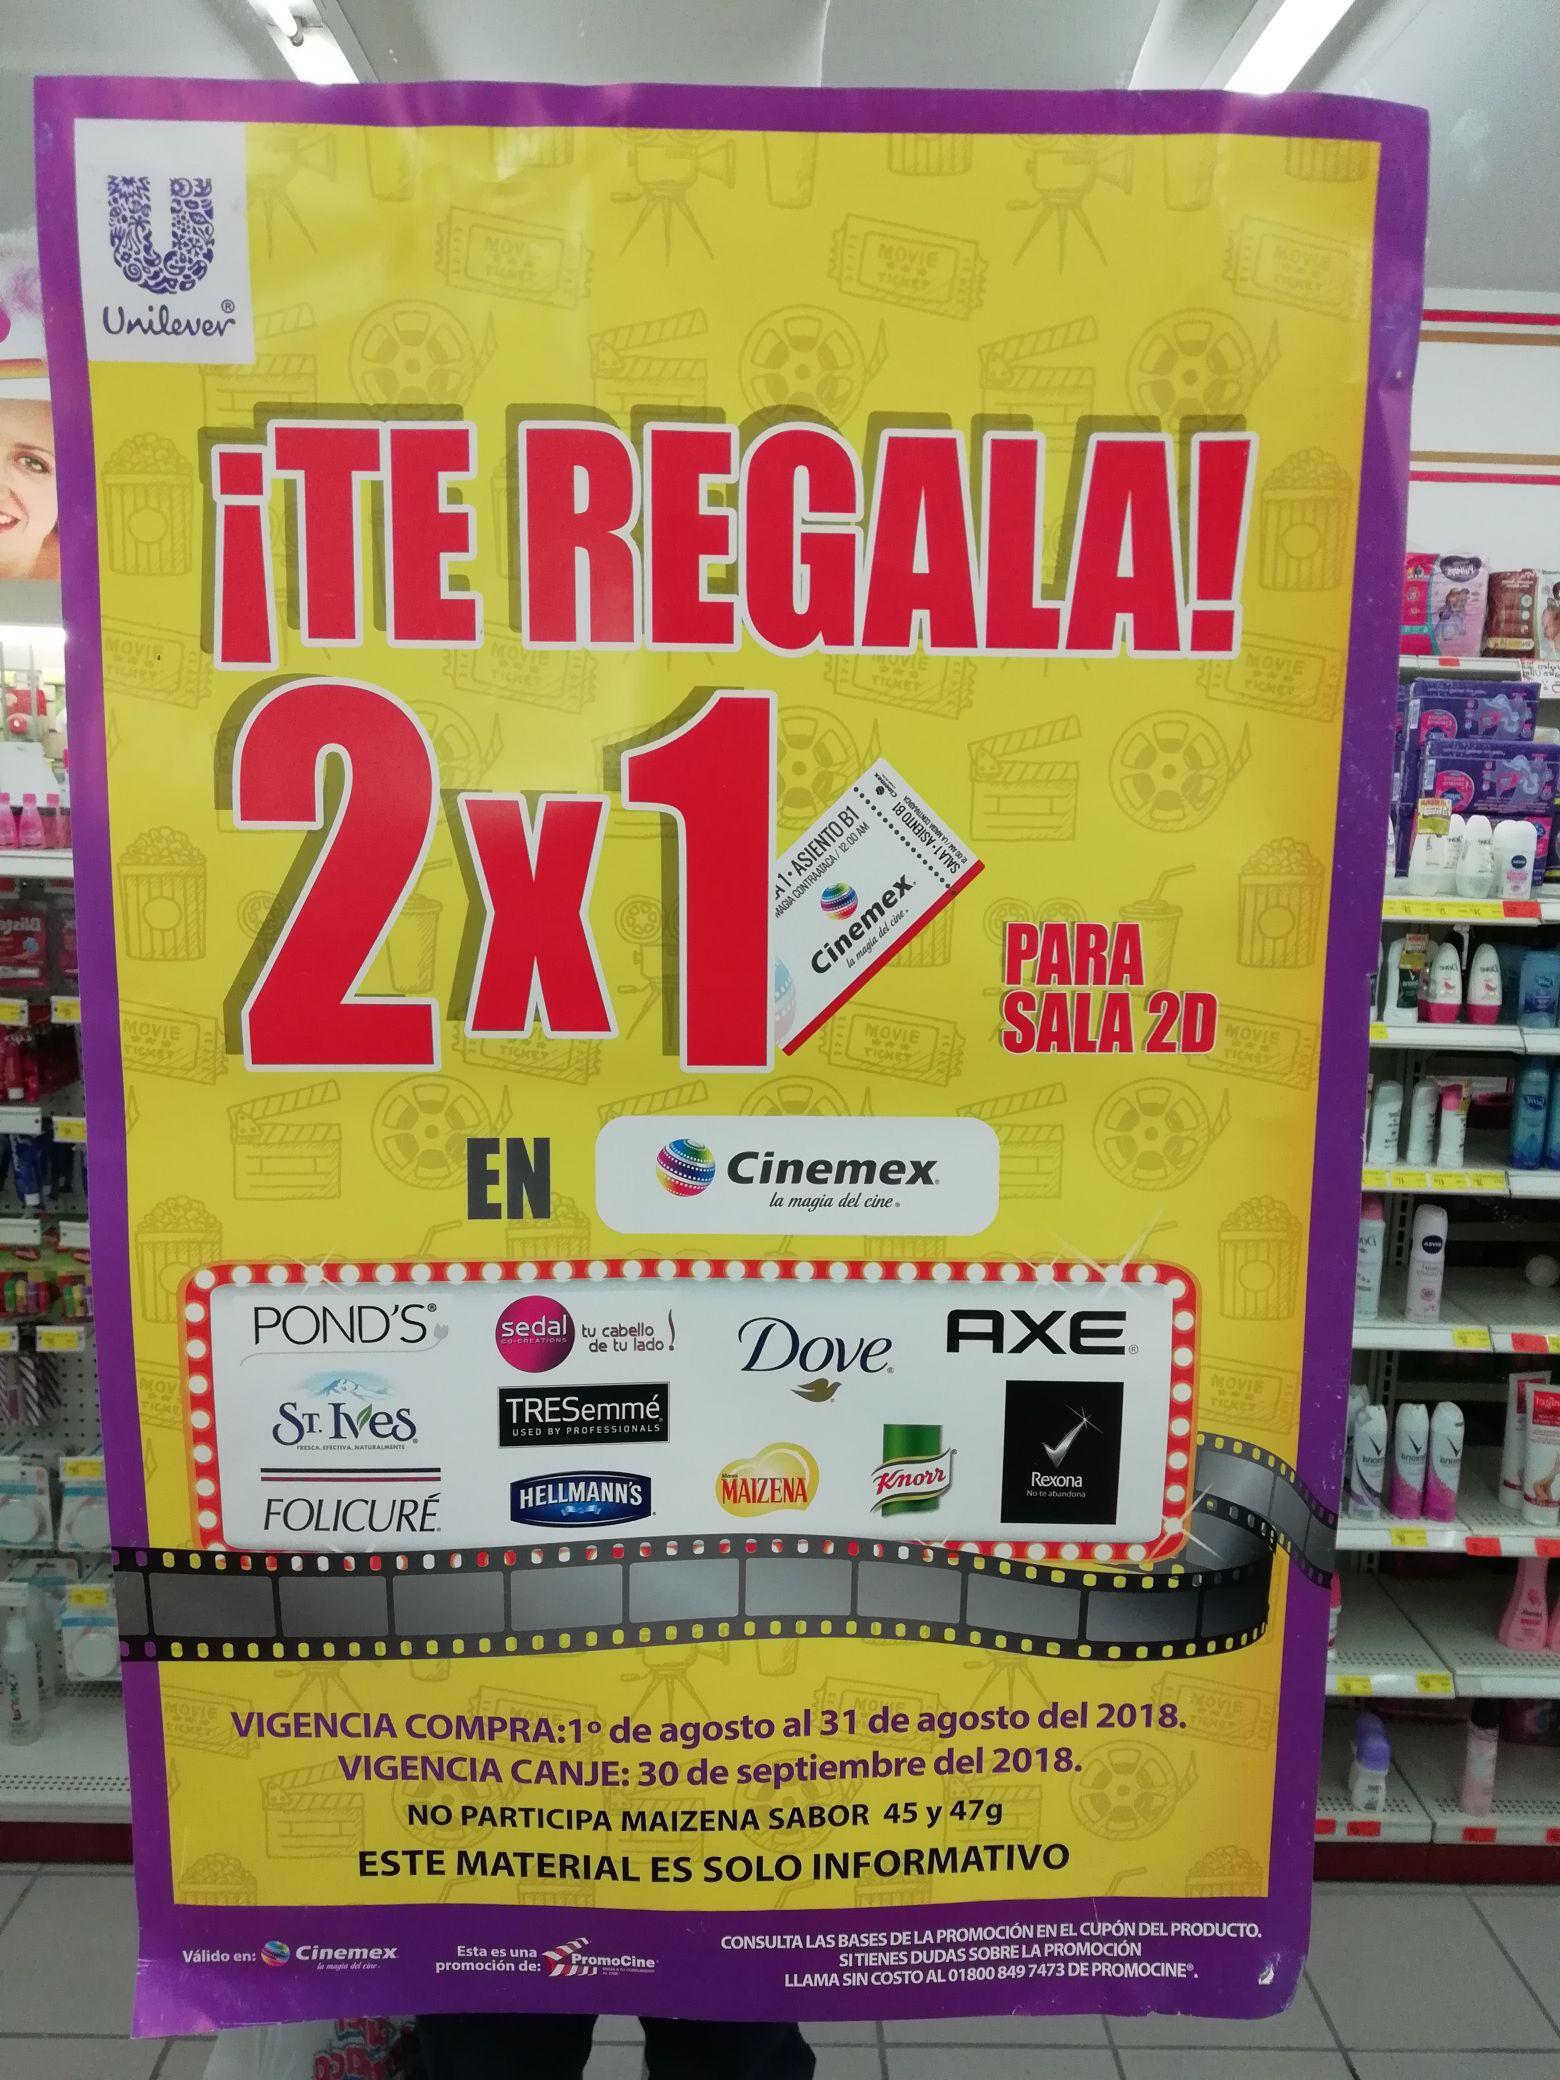 Farmacias Guadalajara: Compra productos Unilever y obtén 2x1 en Cinemex